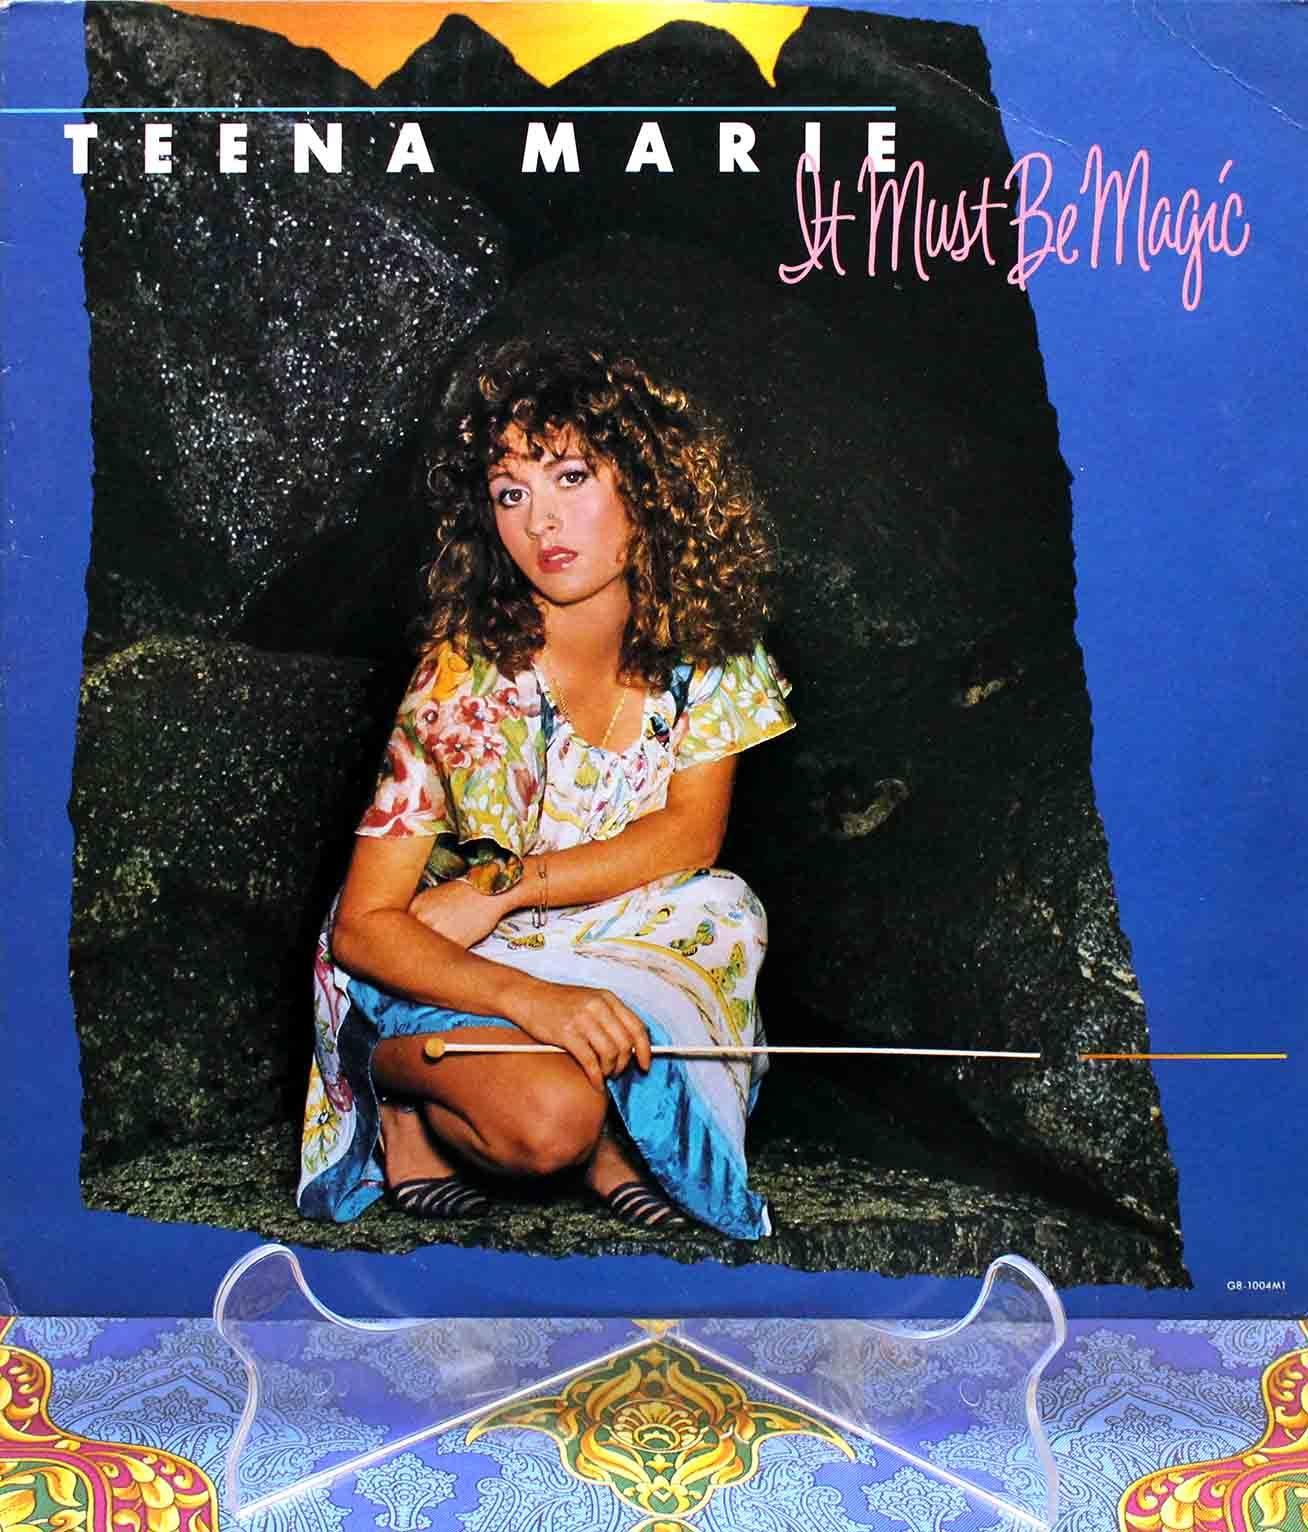 Teena Marie - It Must Be Magic LP 01